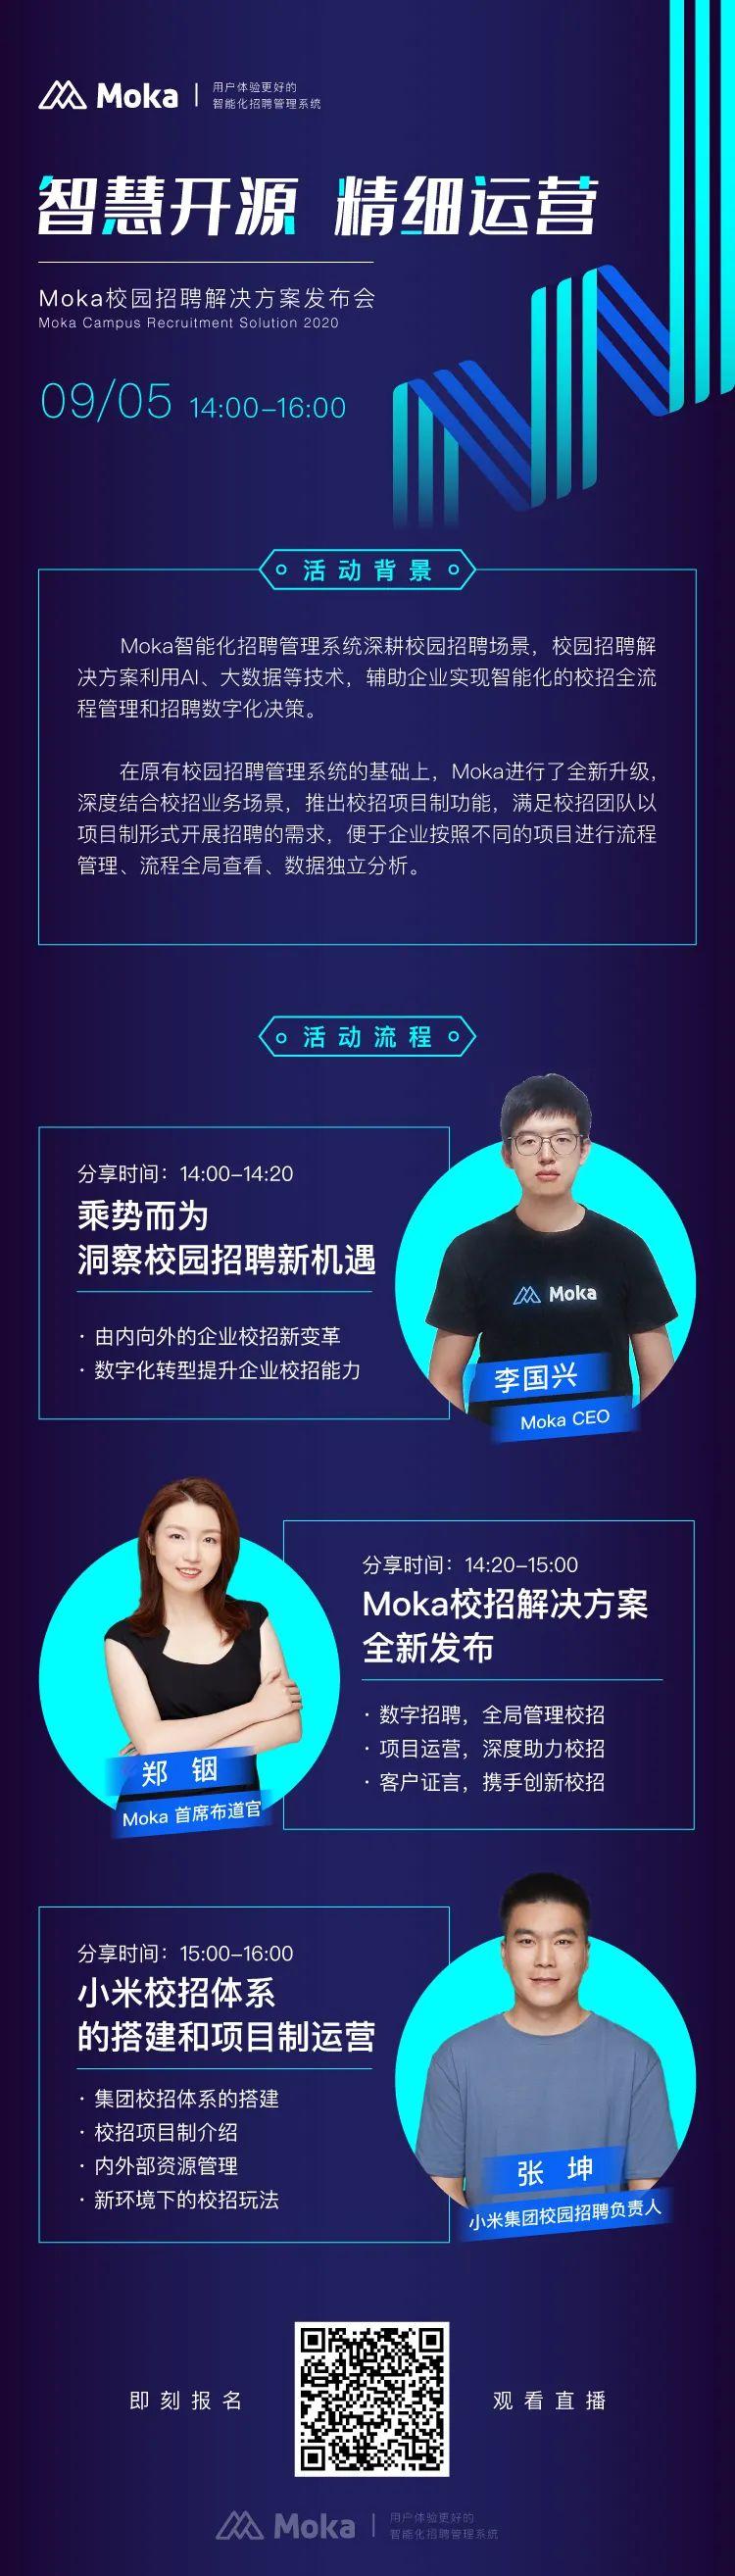 人民网专访 Moka CEO李国兴:AI助推人力资源数智化变革-Moka智能化招聘系统